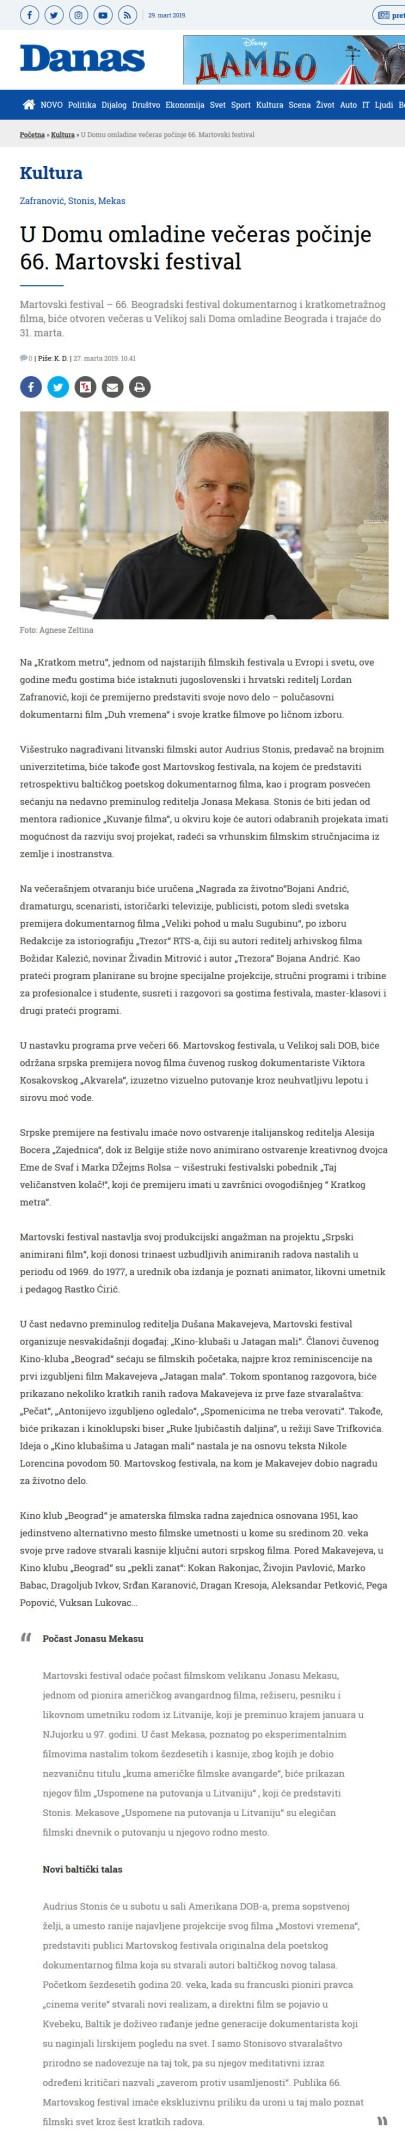 2703 - danas.rs - U Domu omladine veceras pocinje 66. Martovski festival